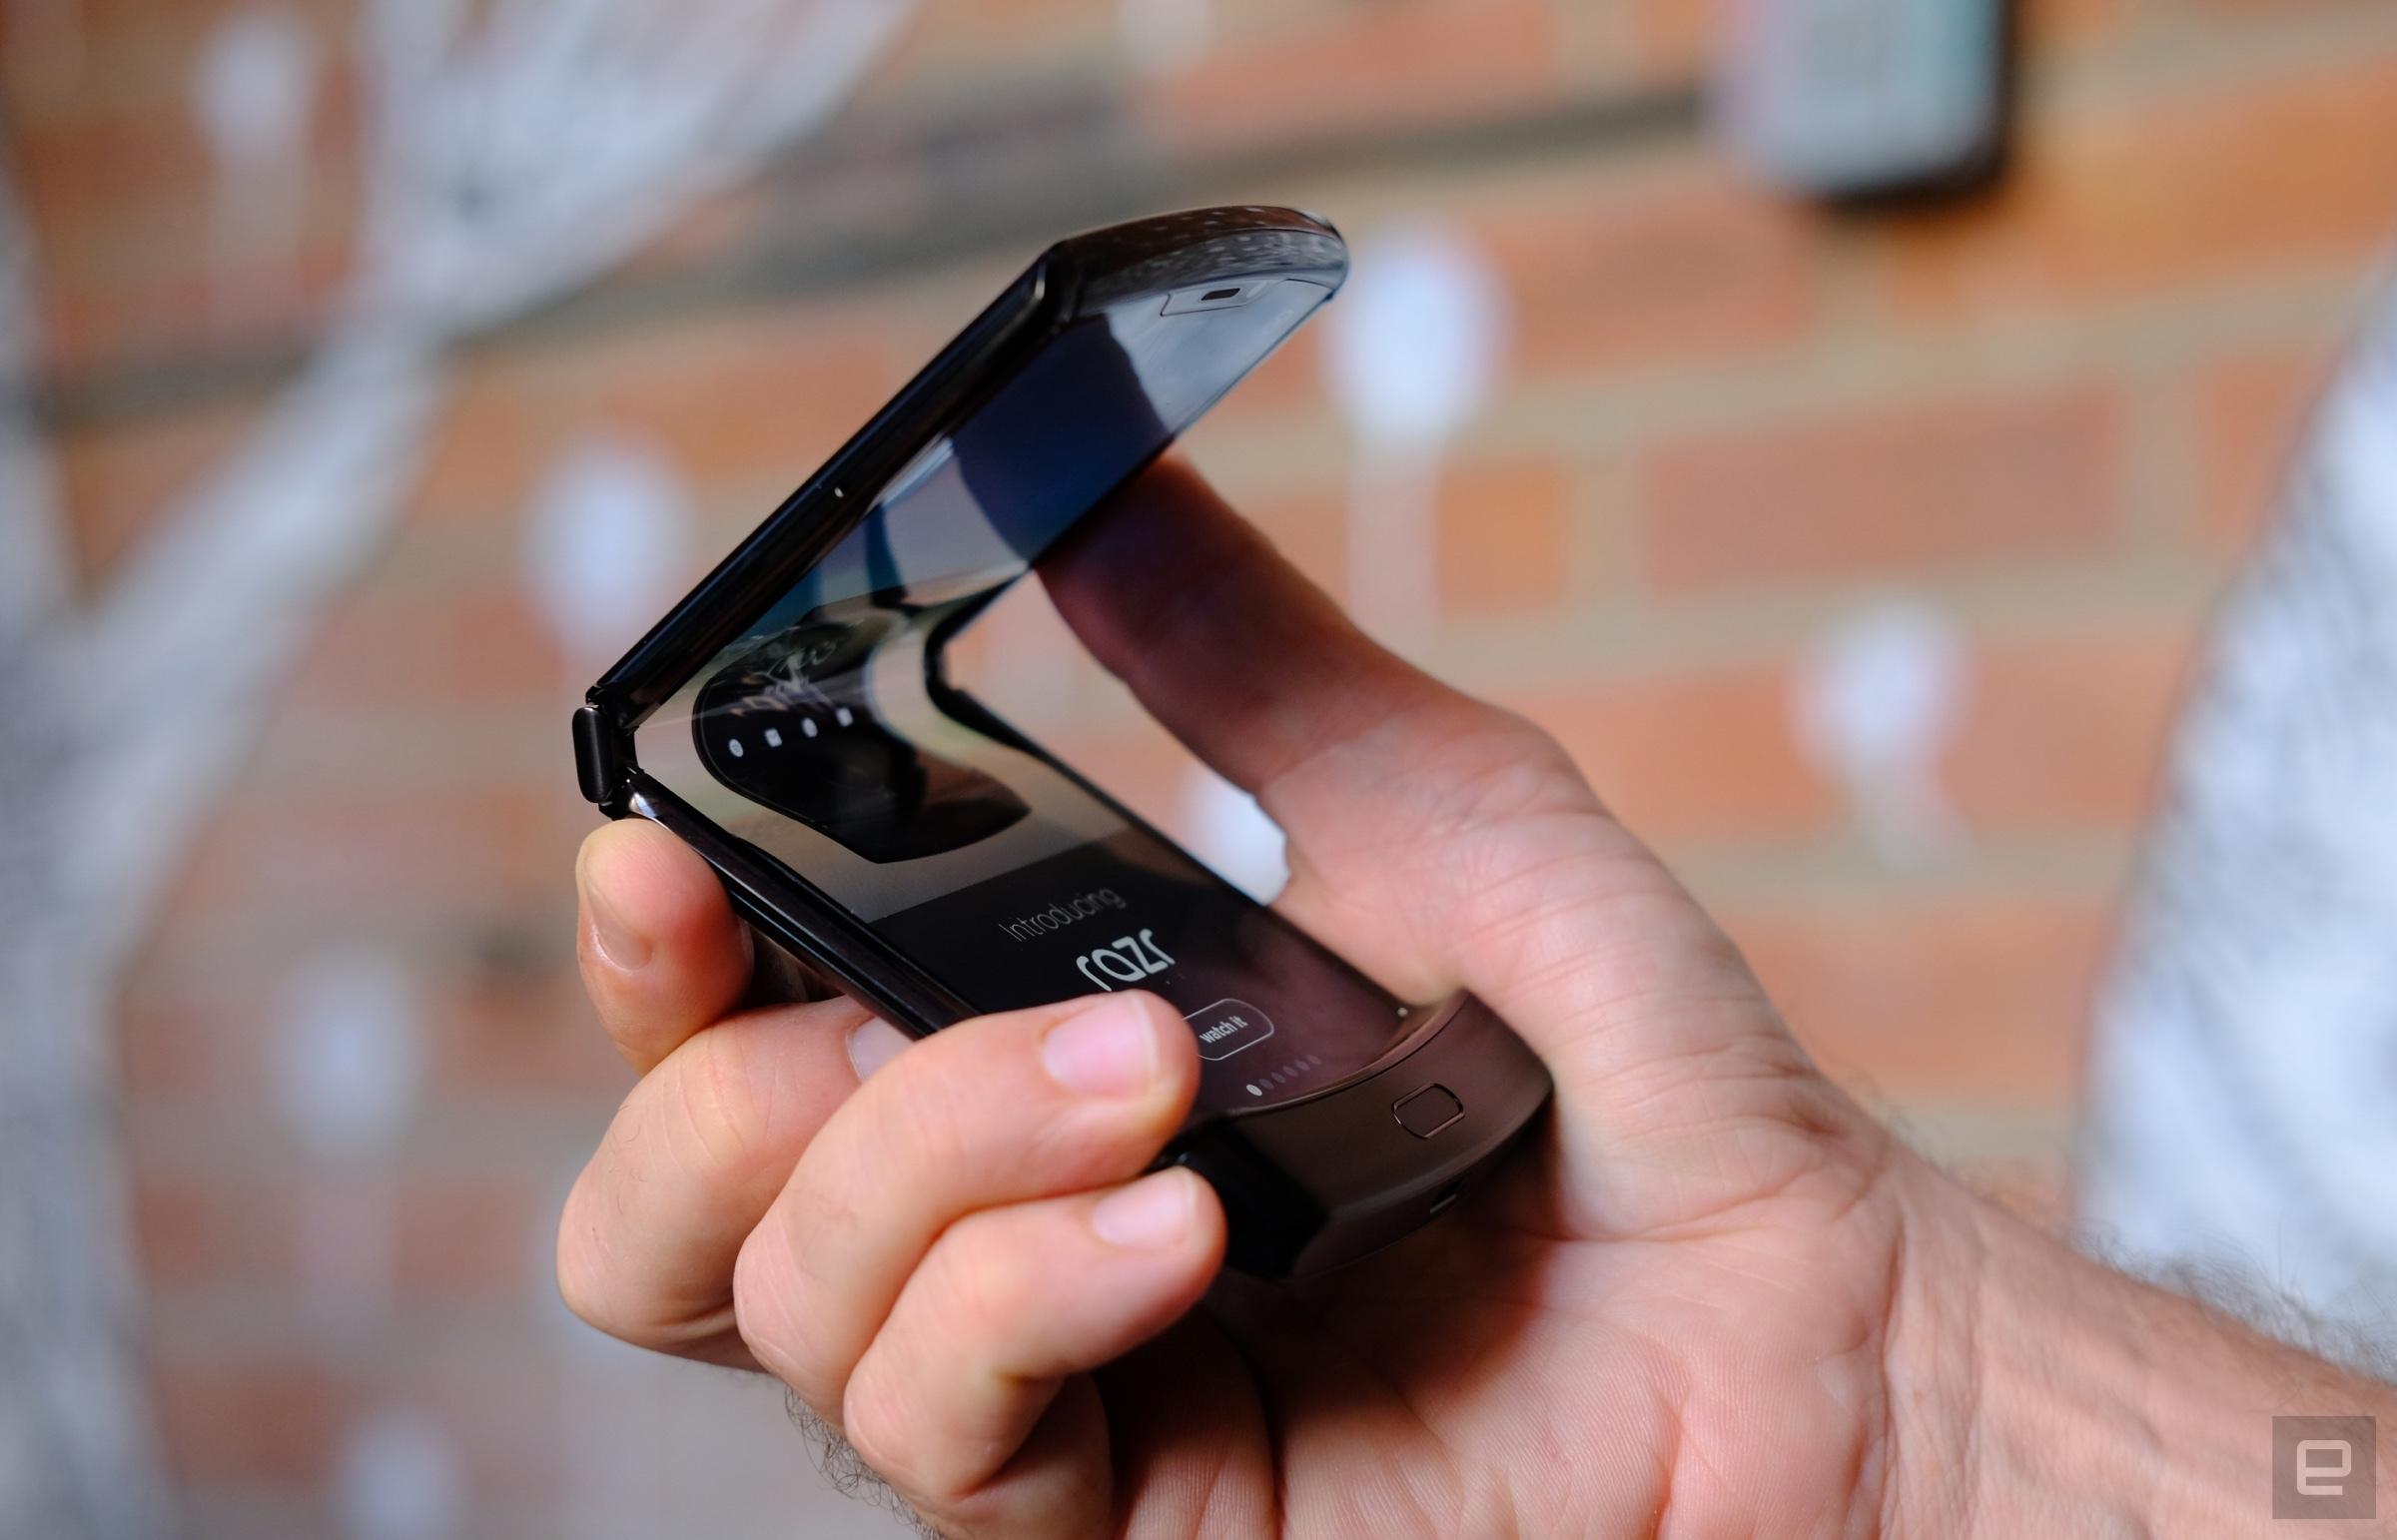 موتورولا ریزر معرفی شد؛ اولین گوشی تاشوی موتورولا با طراحی نامتعارف